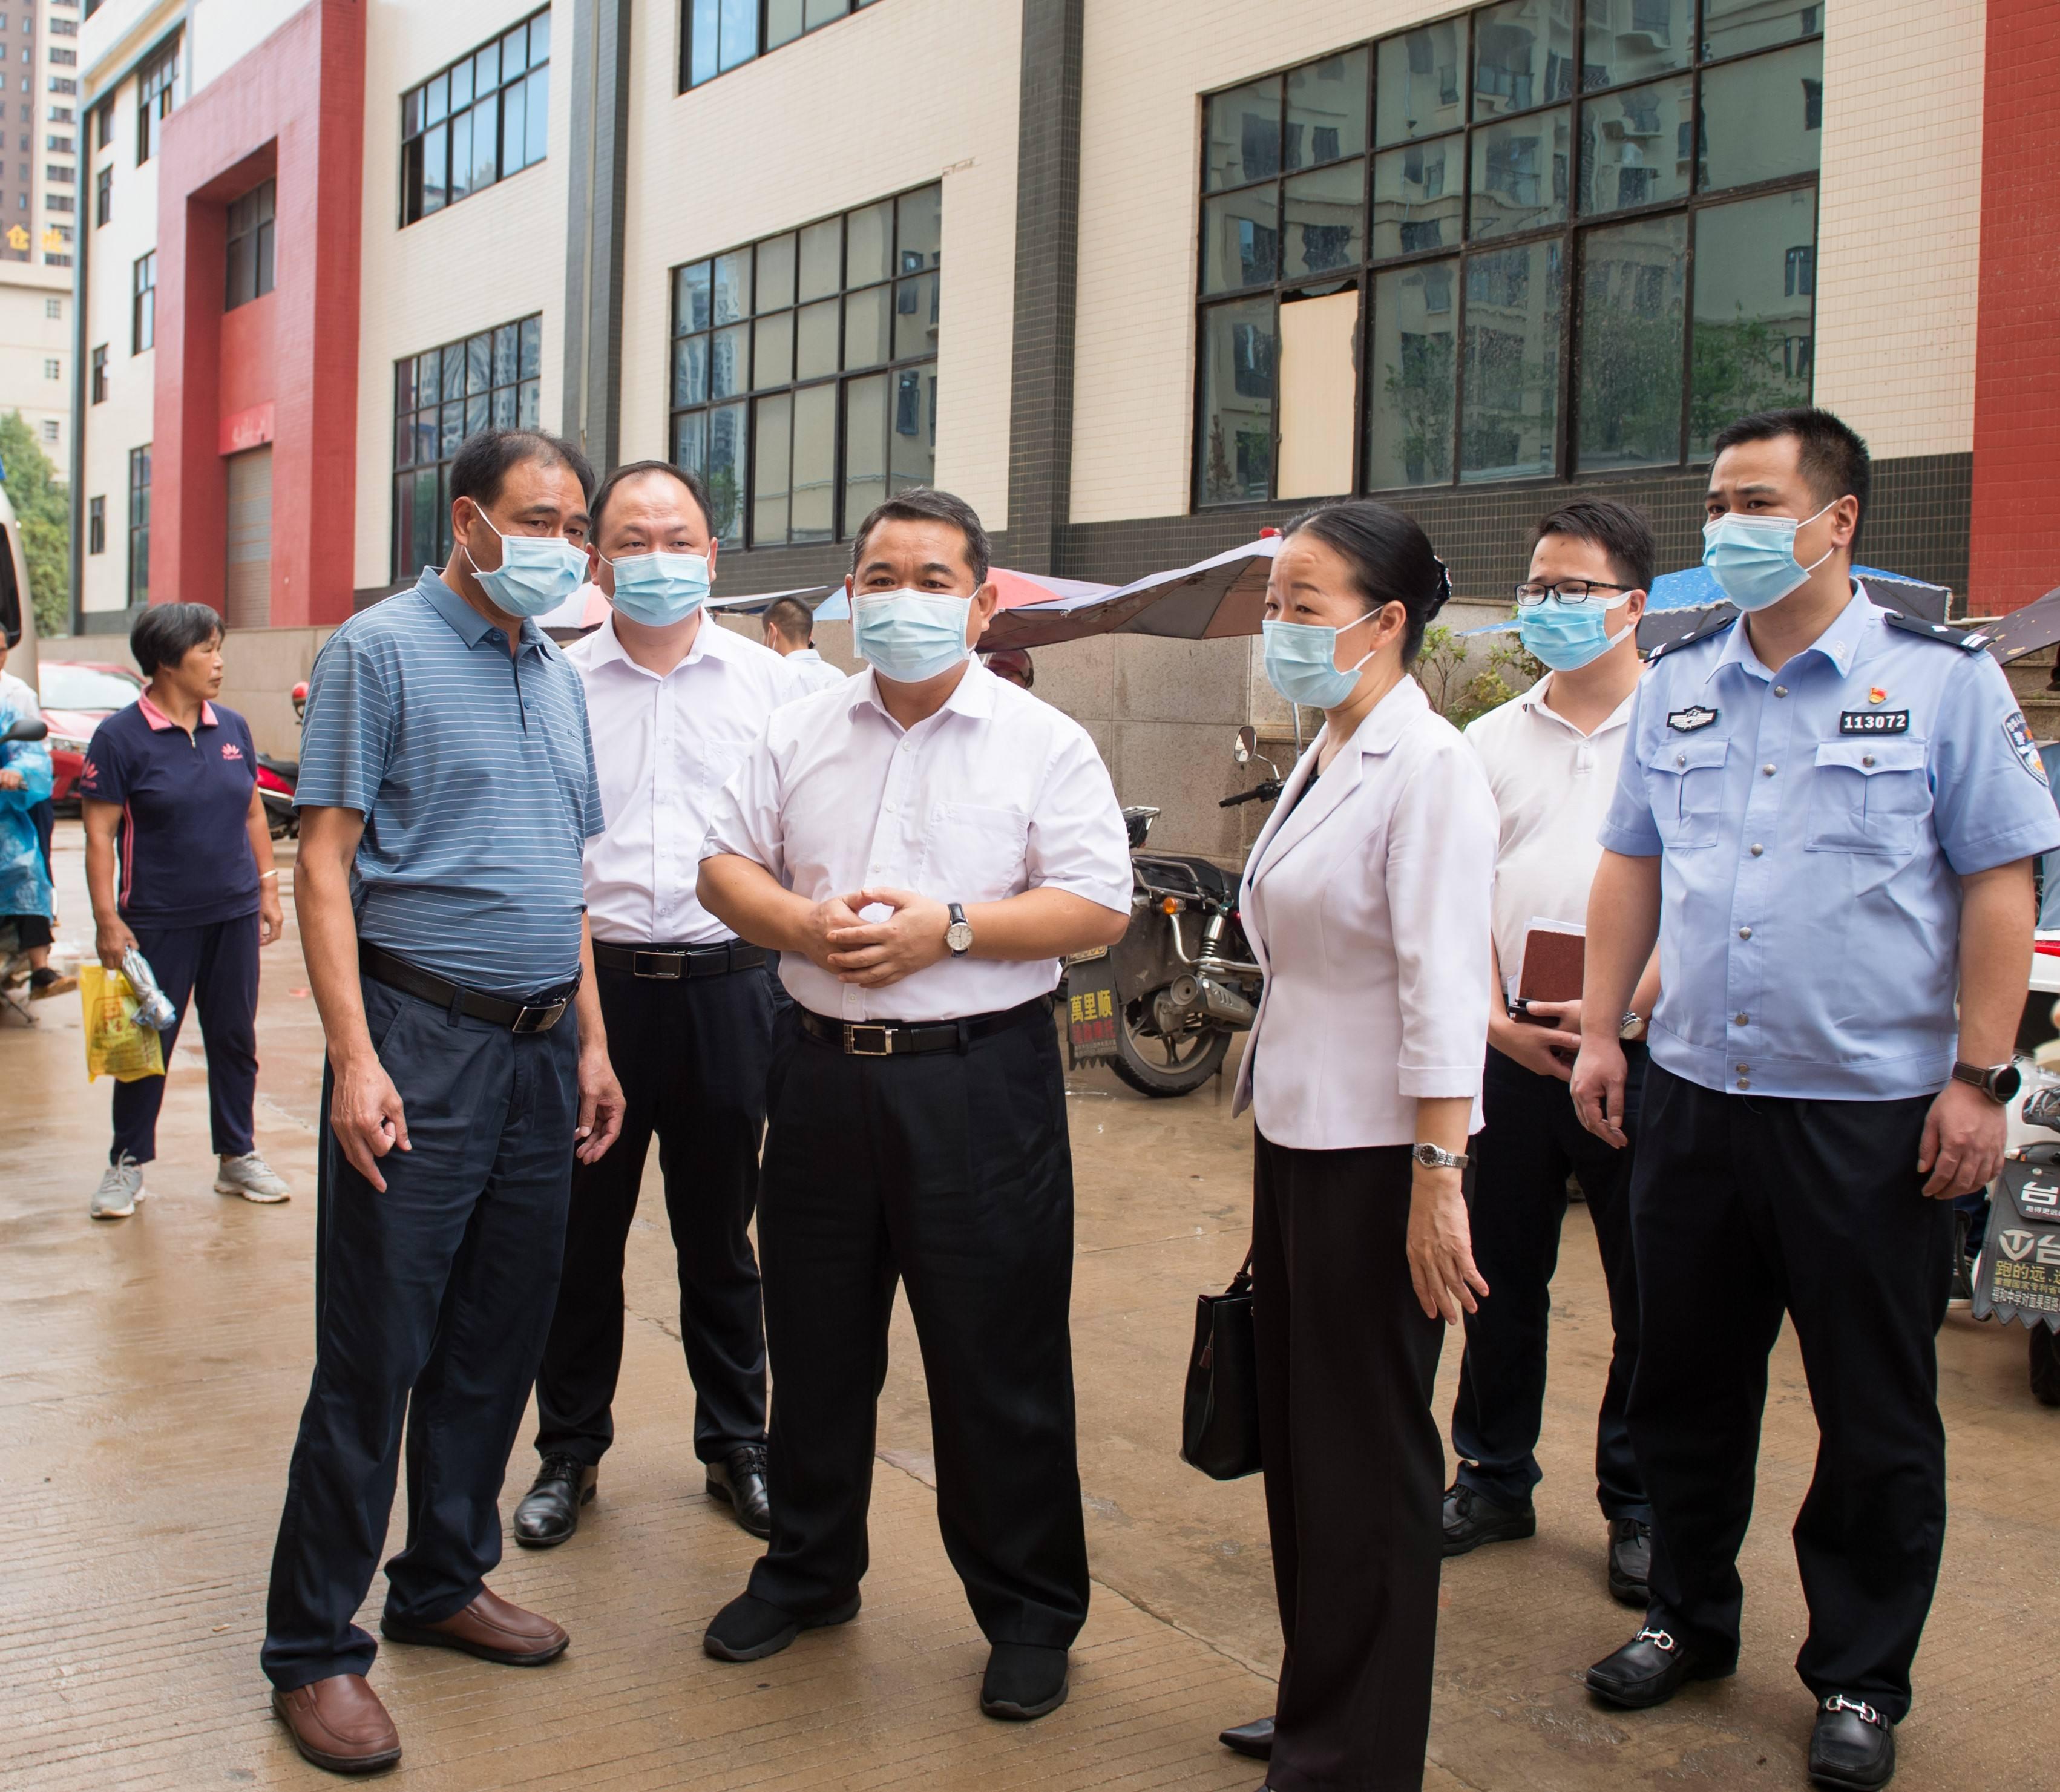 县委书记邓卓文调研疫情防控工作 全力巩固好来之不易的疫情防控成果